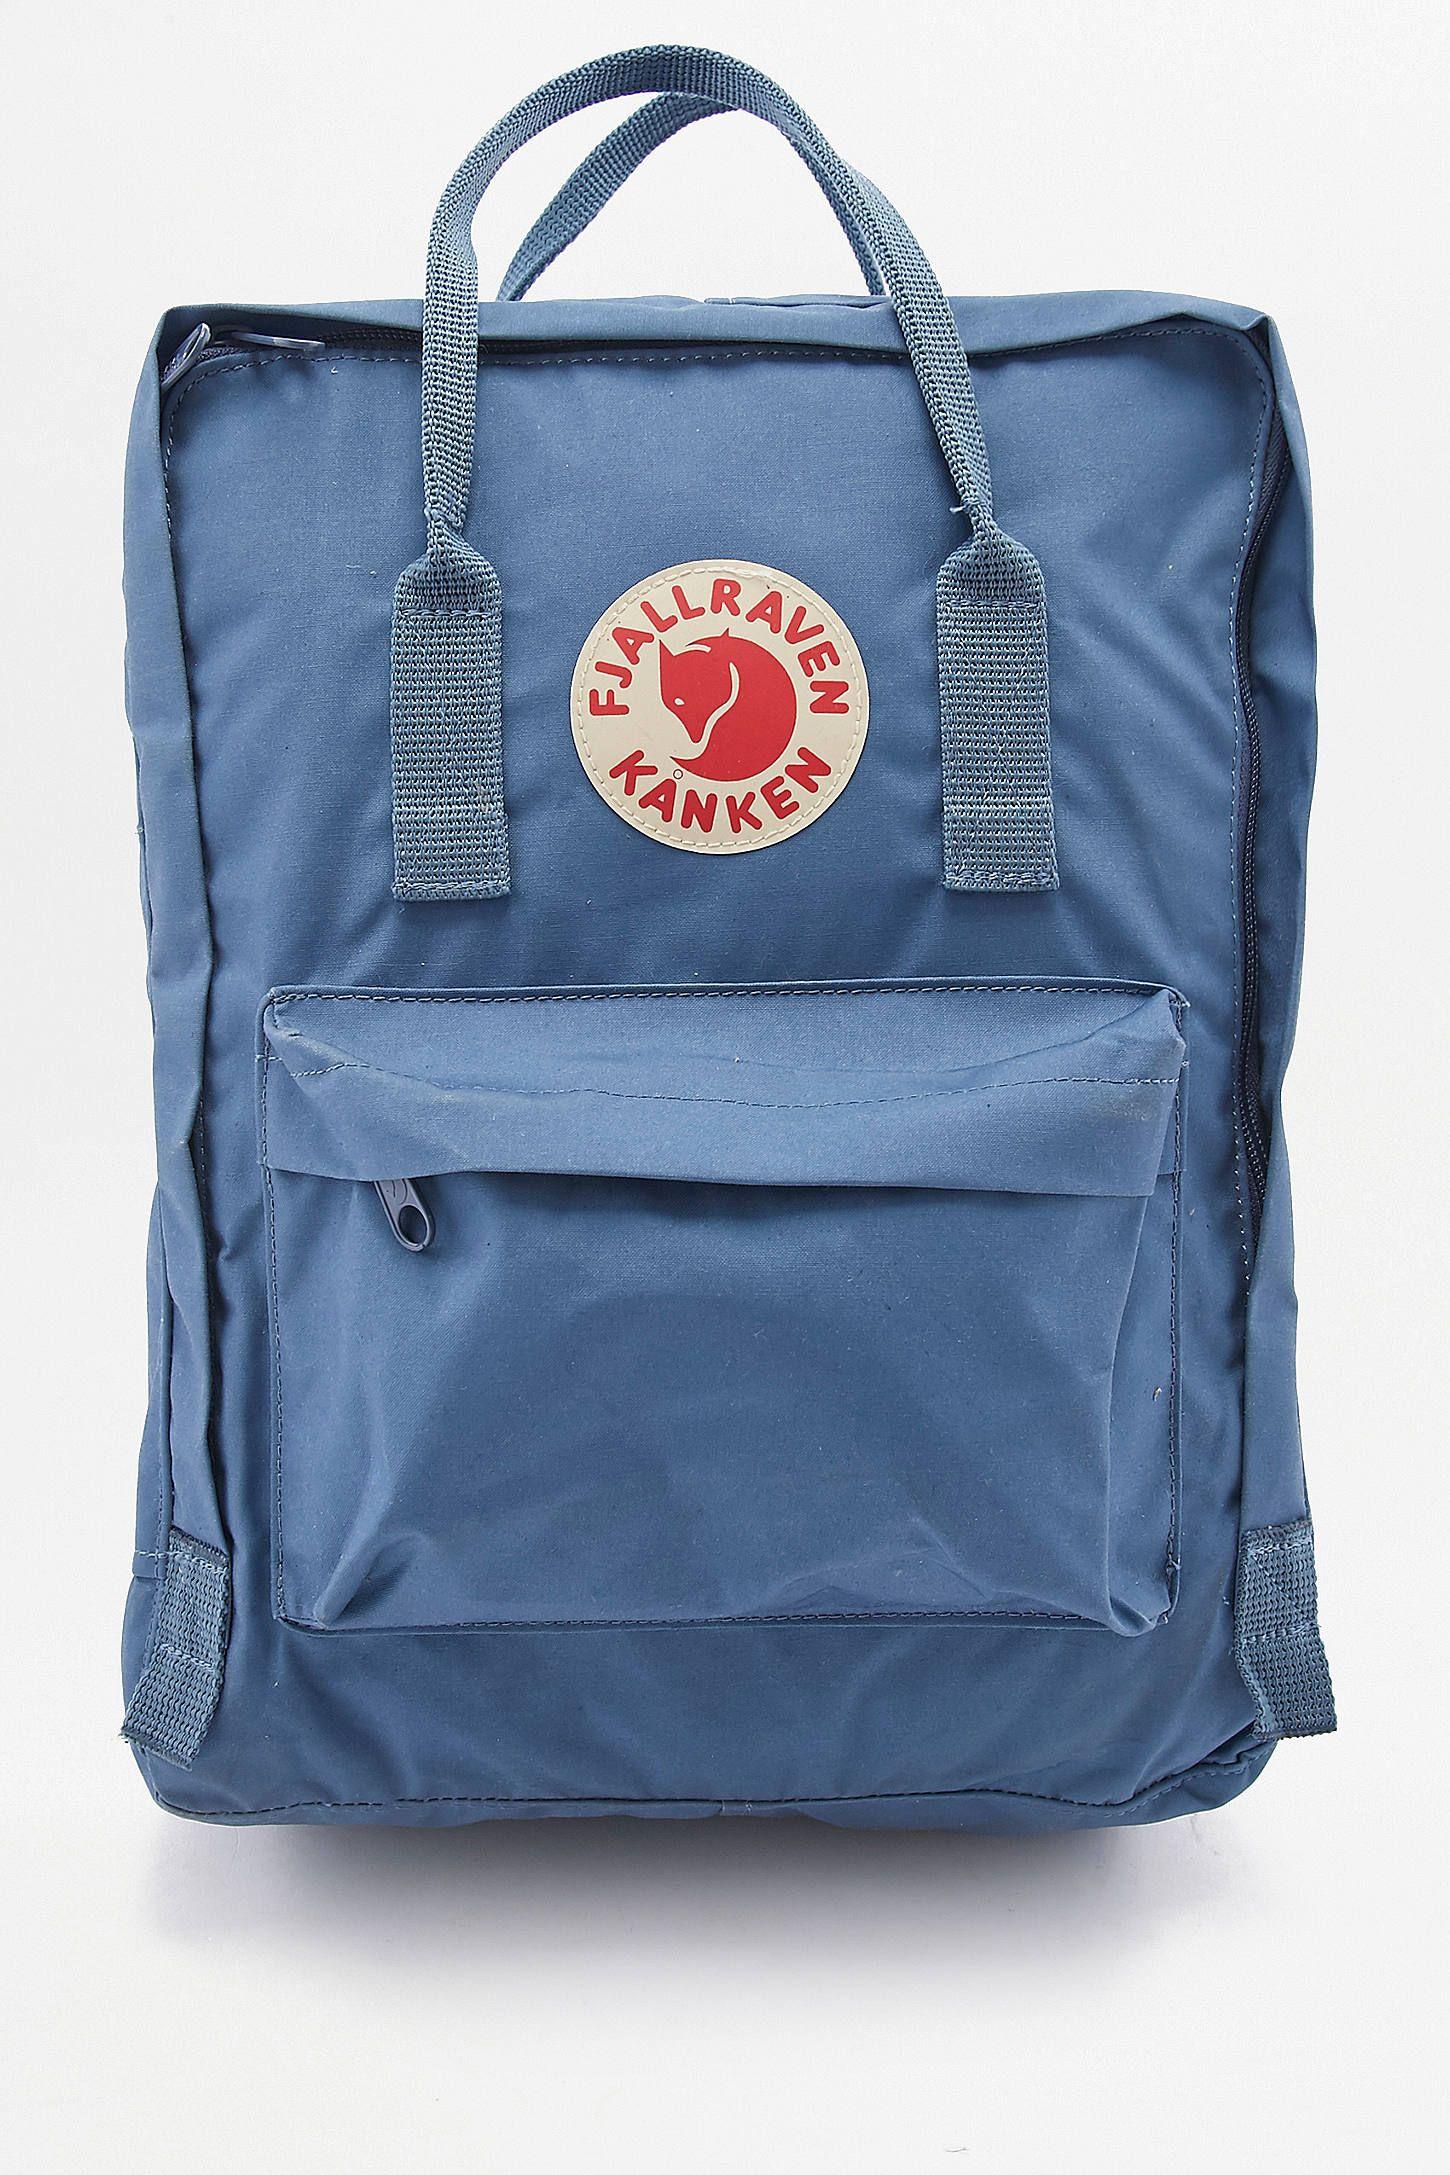 dd99f9b5ae Slide View  1  Fjallraven Kanken Blue Ridge Backpack